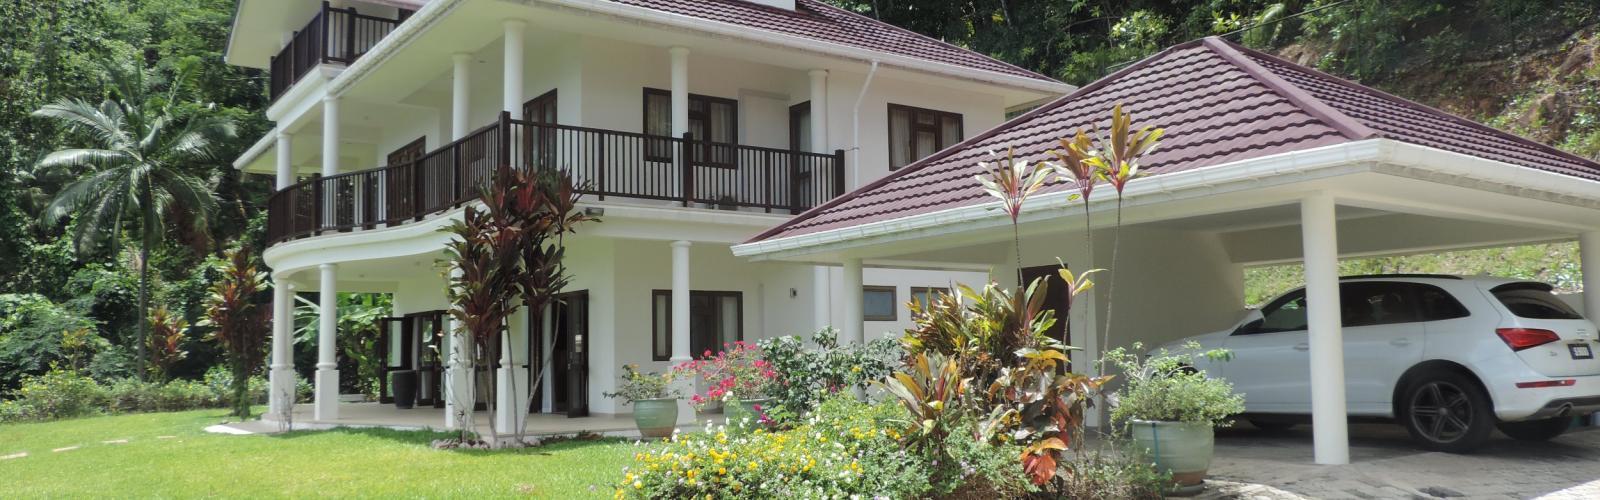 Недвижимость на сейшелах продажа квартира черногория будва купить